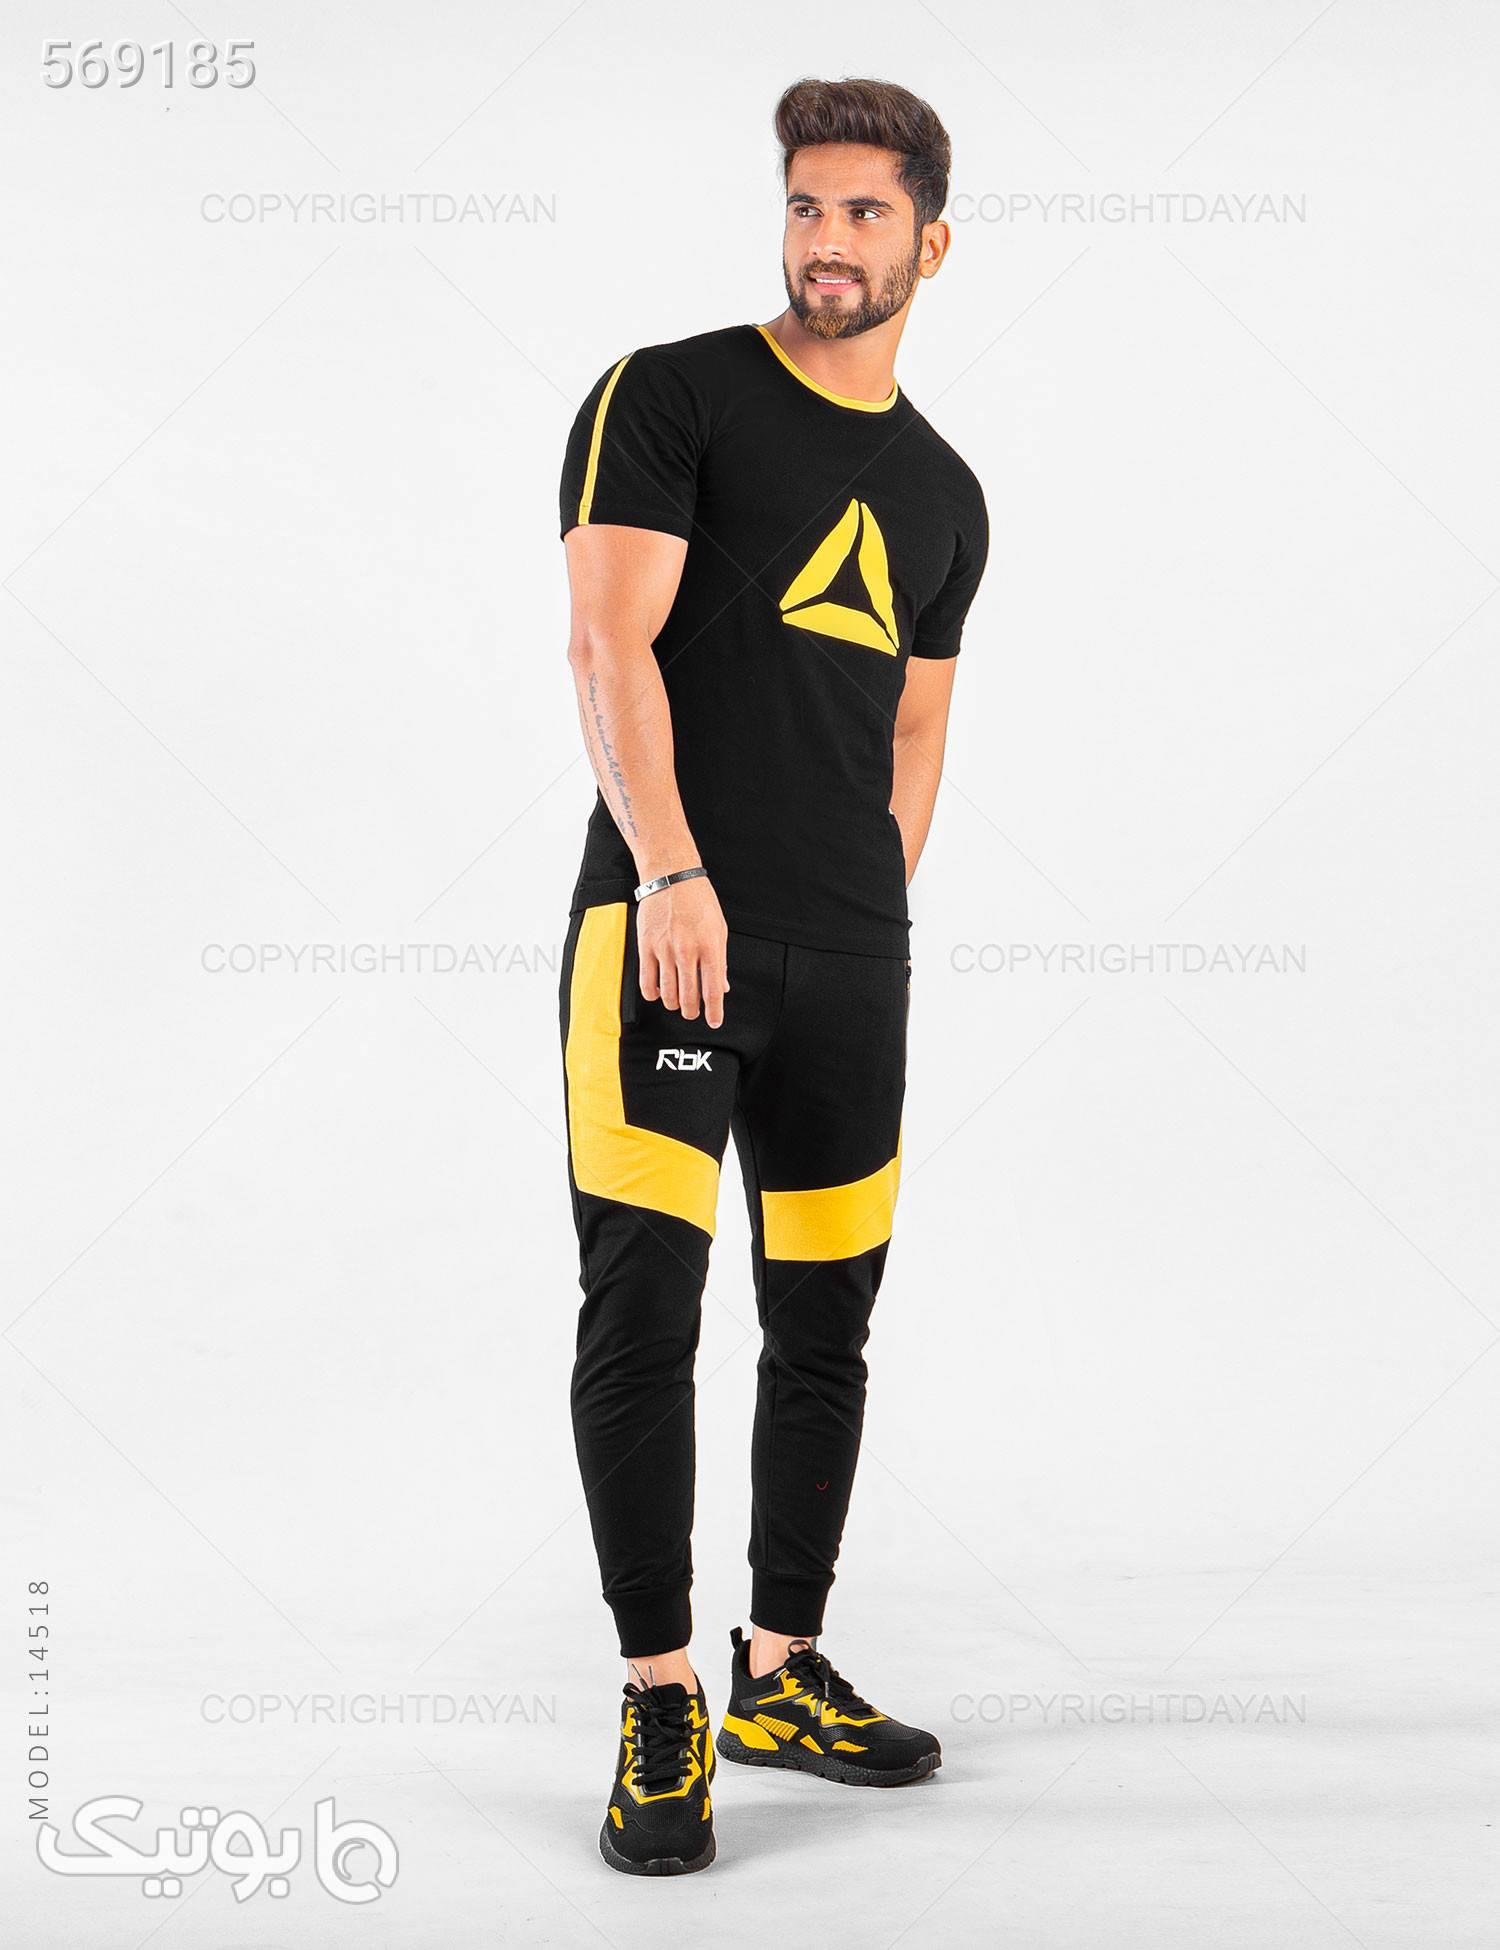 ست تیشرت و شلوار مردانه Reebok مدل 14518 مشکی تی شرت و پولو شرت مردانه